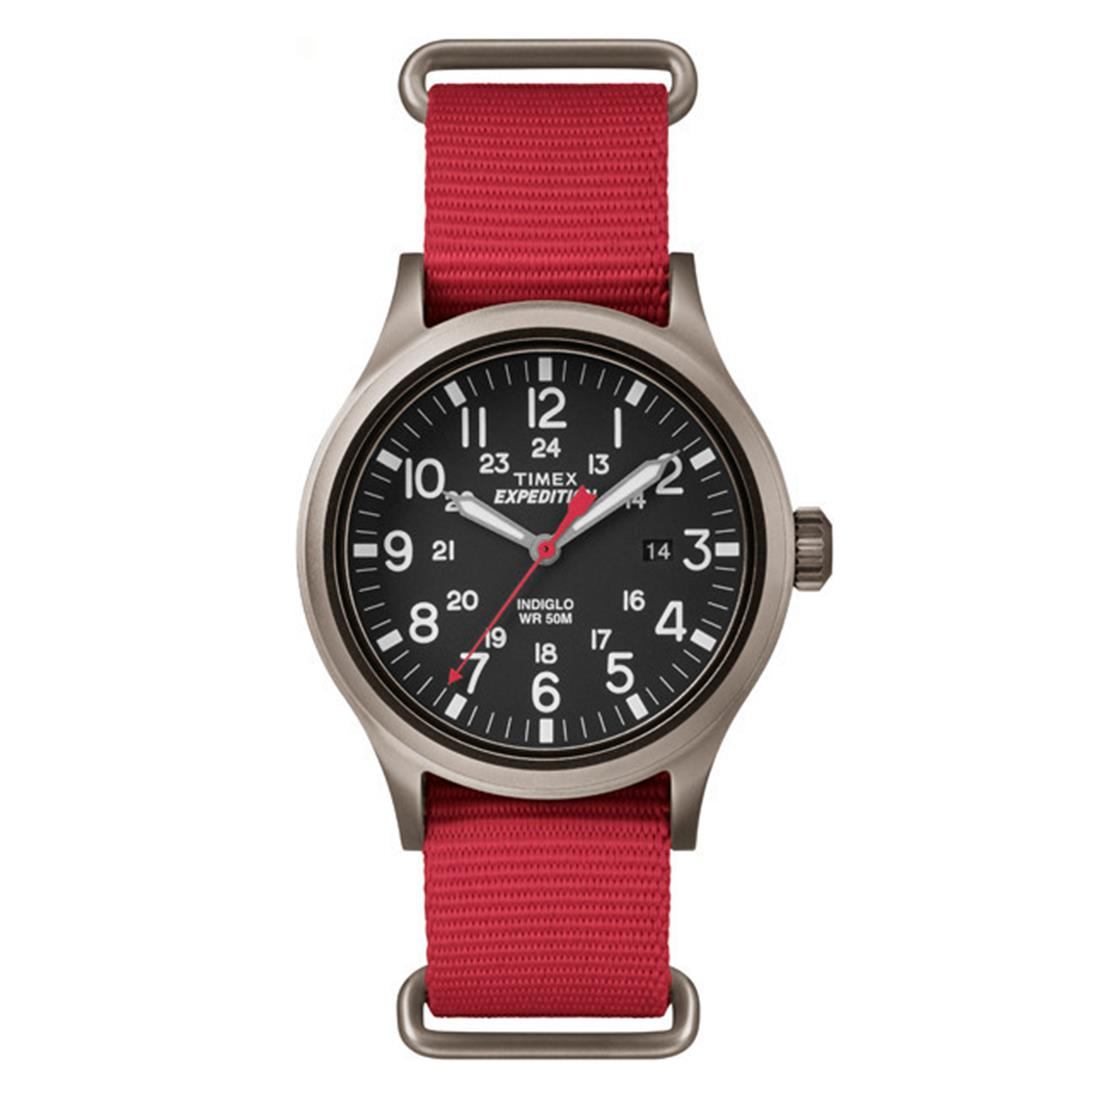 Orologio cassa 40mmin acciaio - TIMEX